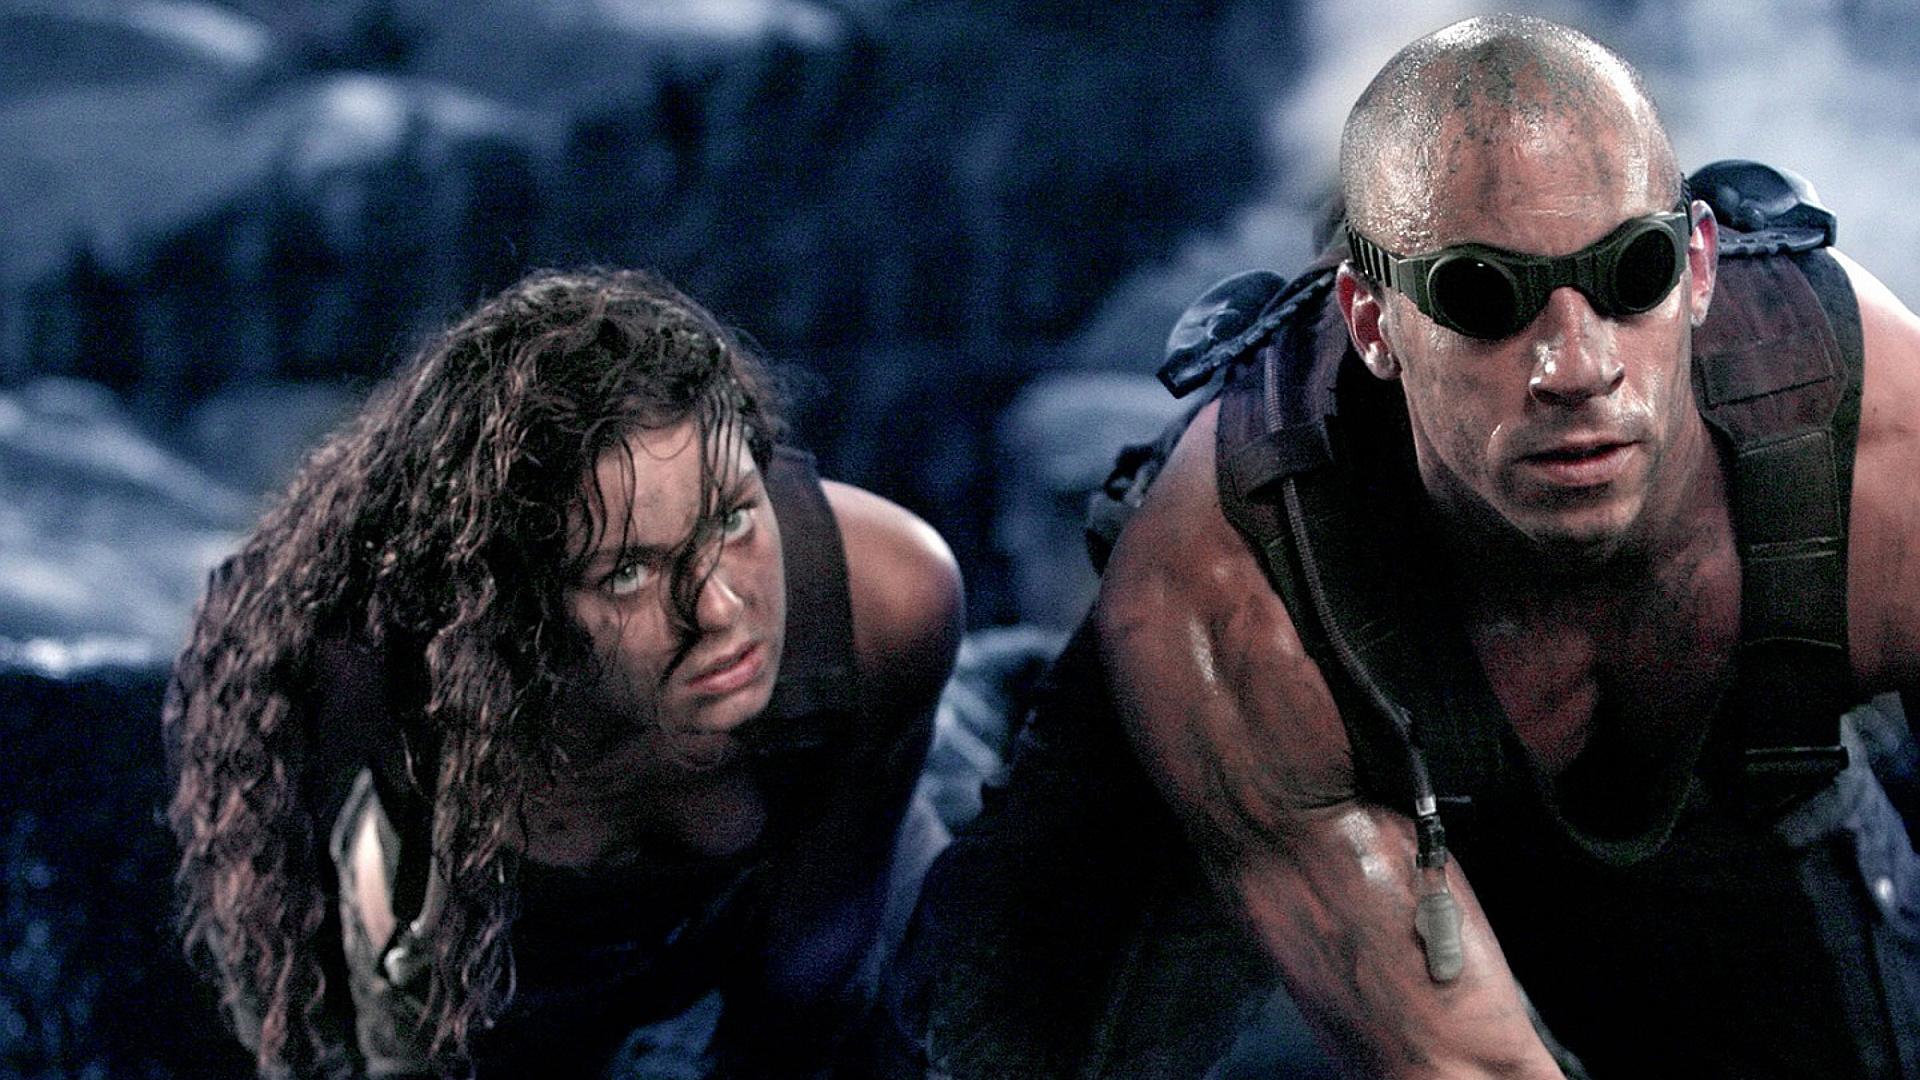 The Chronicles of Riddick vin diesel sci-fi warrior g ...